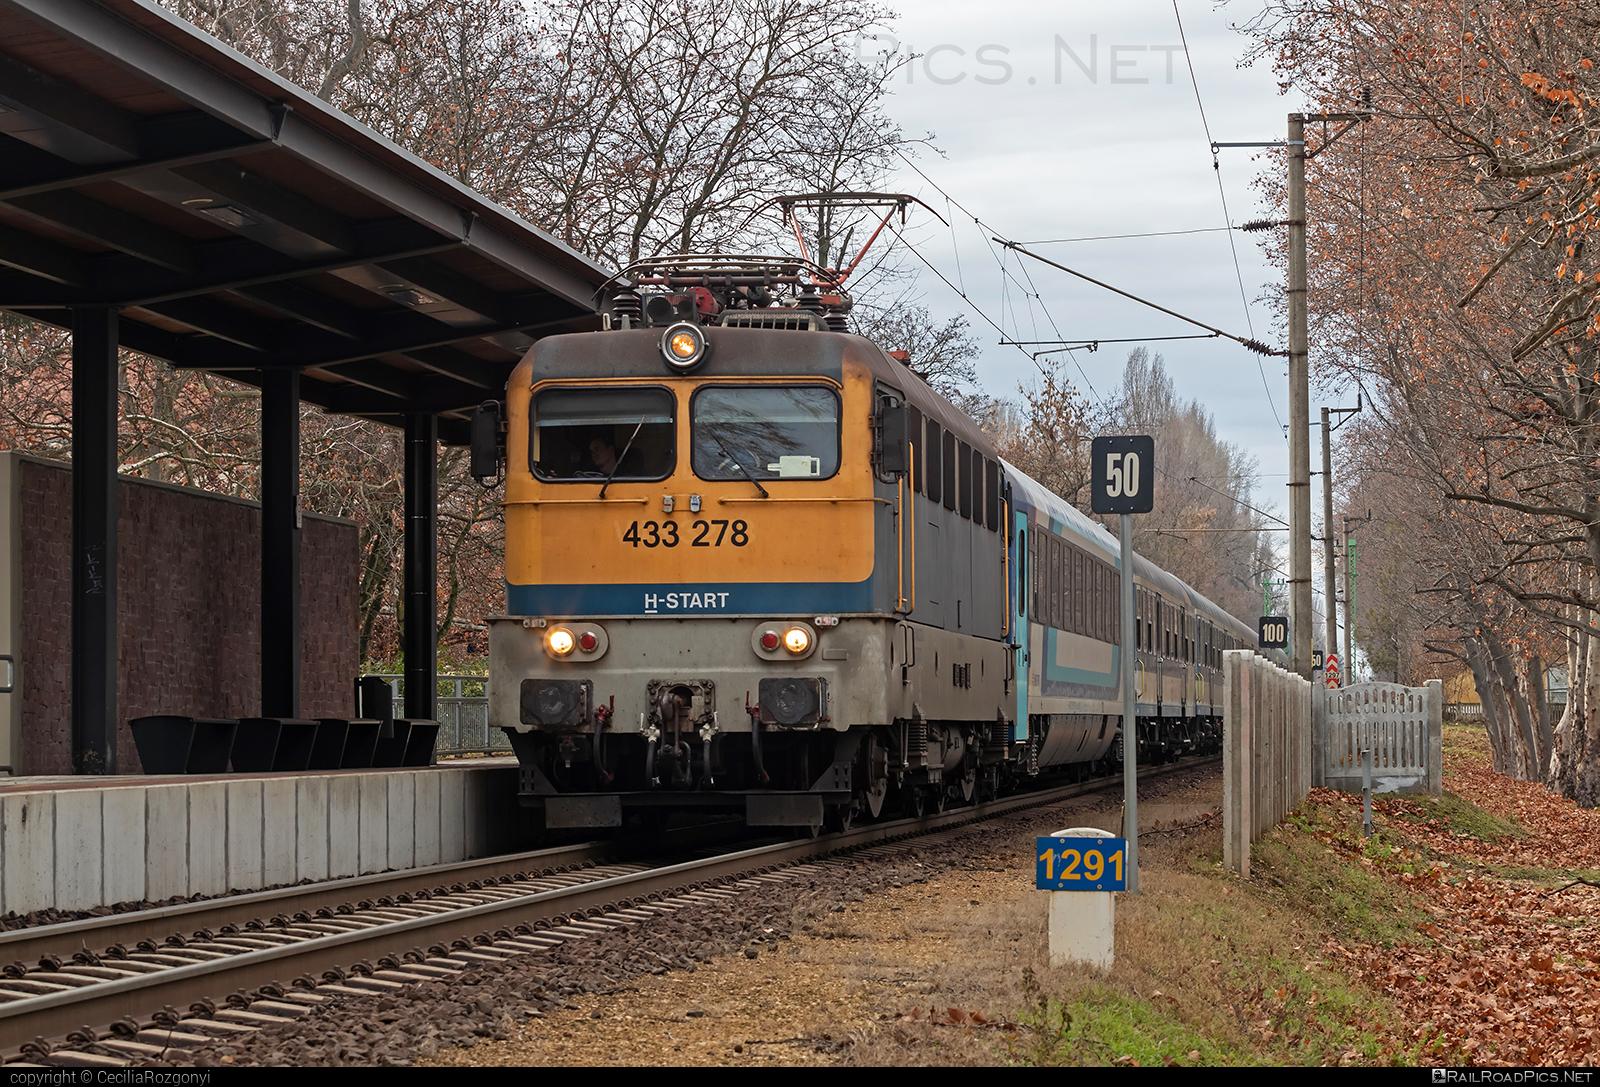 Ganz-MÁVAG VM14-20 - 433 278 operated by MÁV-START ZRt. #ganz43 #ganz431 #ganzmavag #ganzmavag43 #ganzmavag431 #ganzmavagvm1420 #mav #mavstart #mavstartzrt #v43locomotive